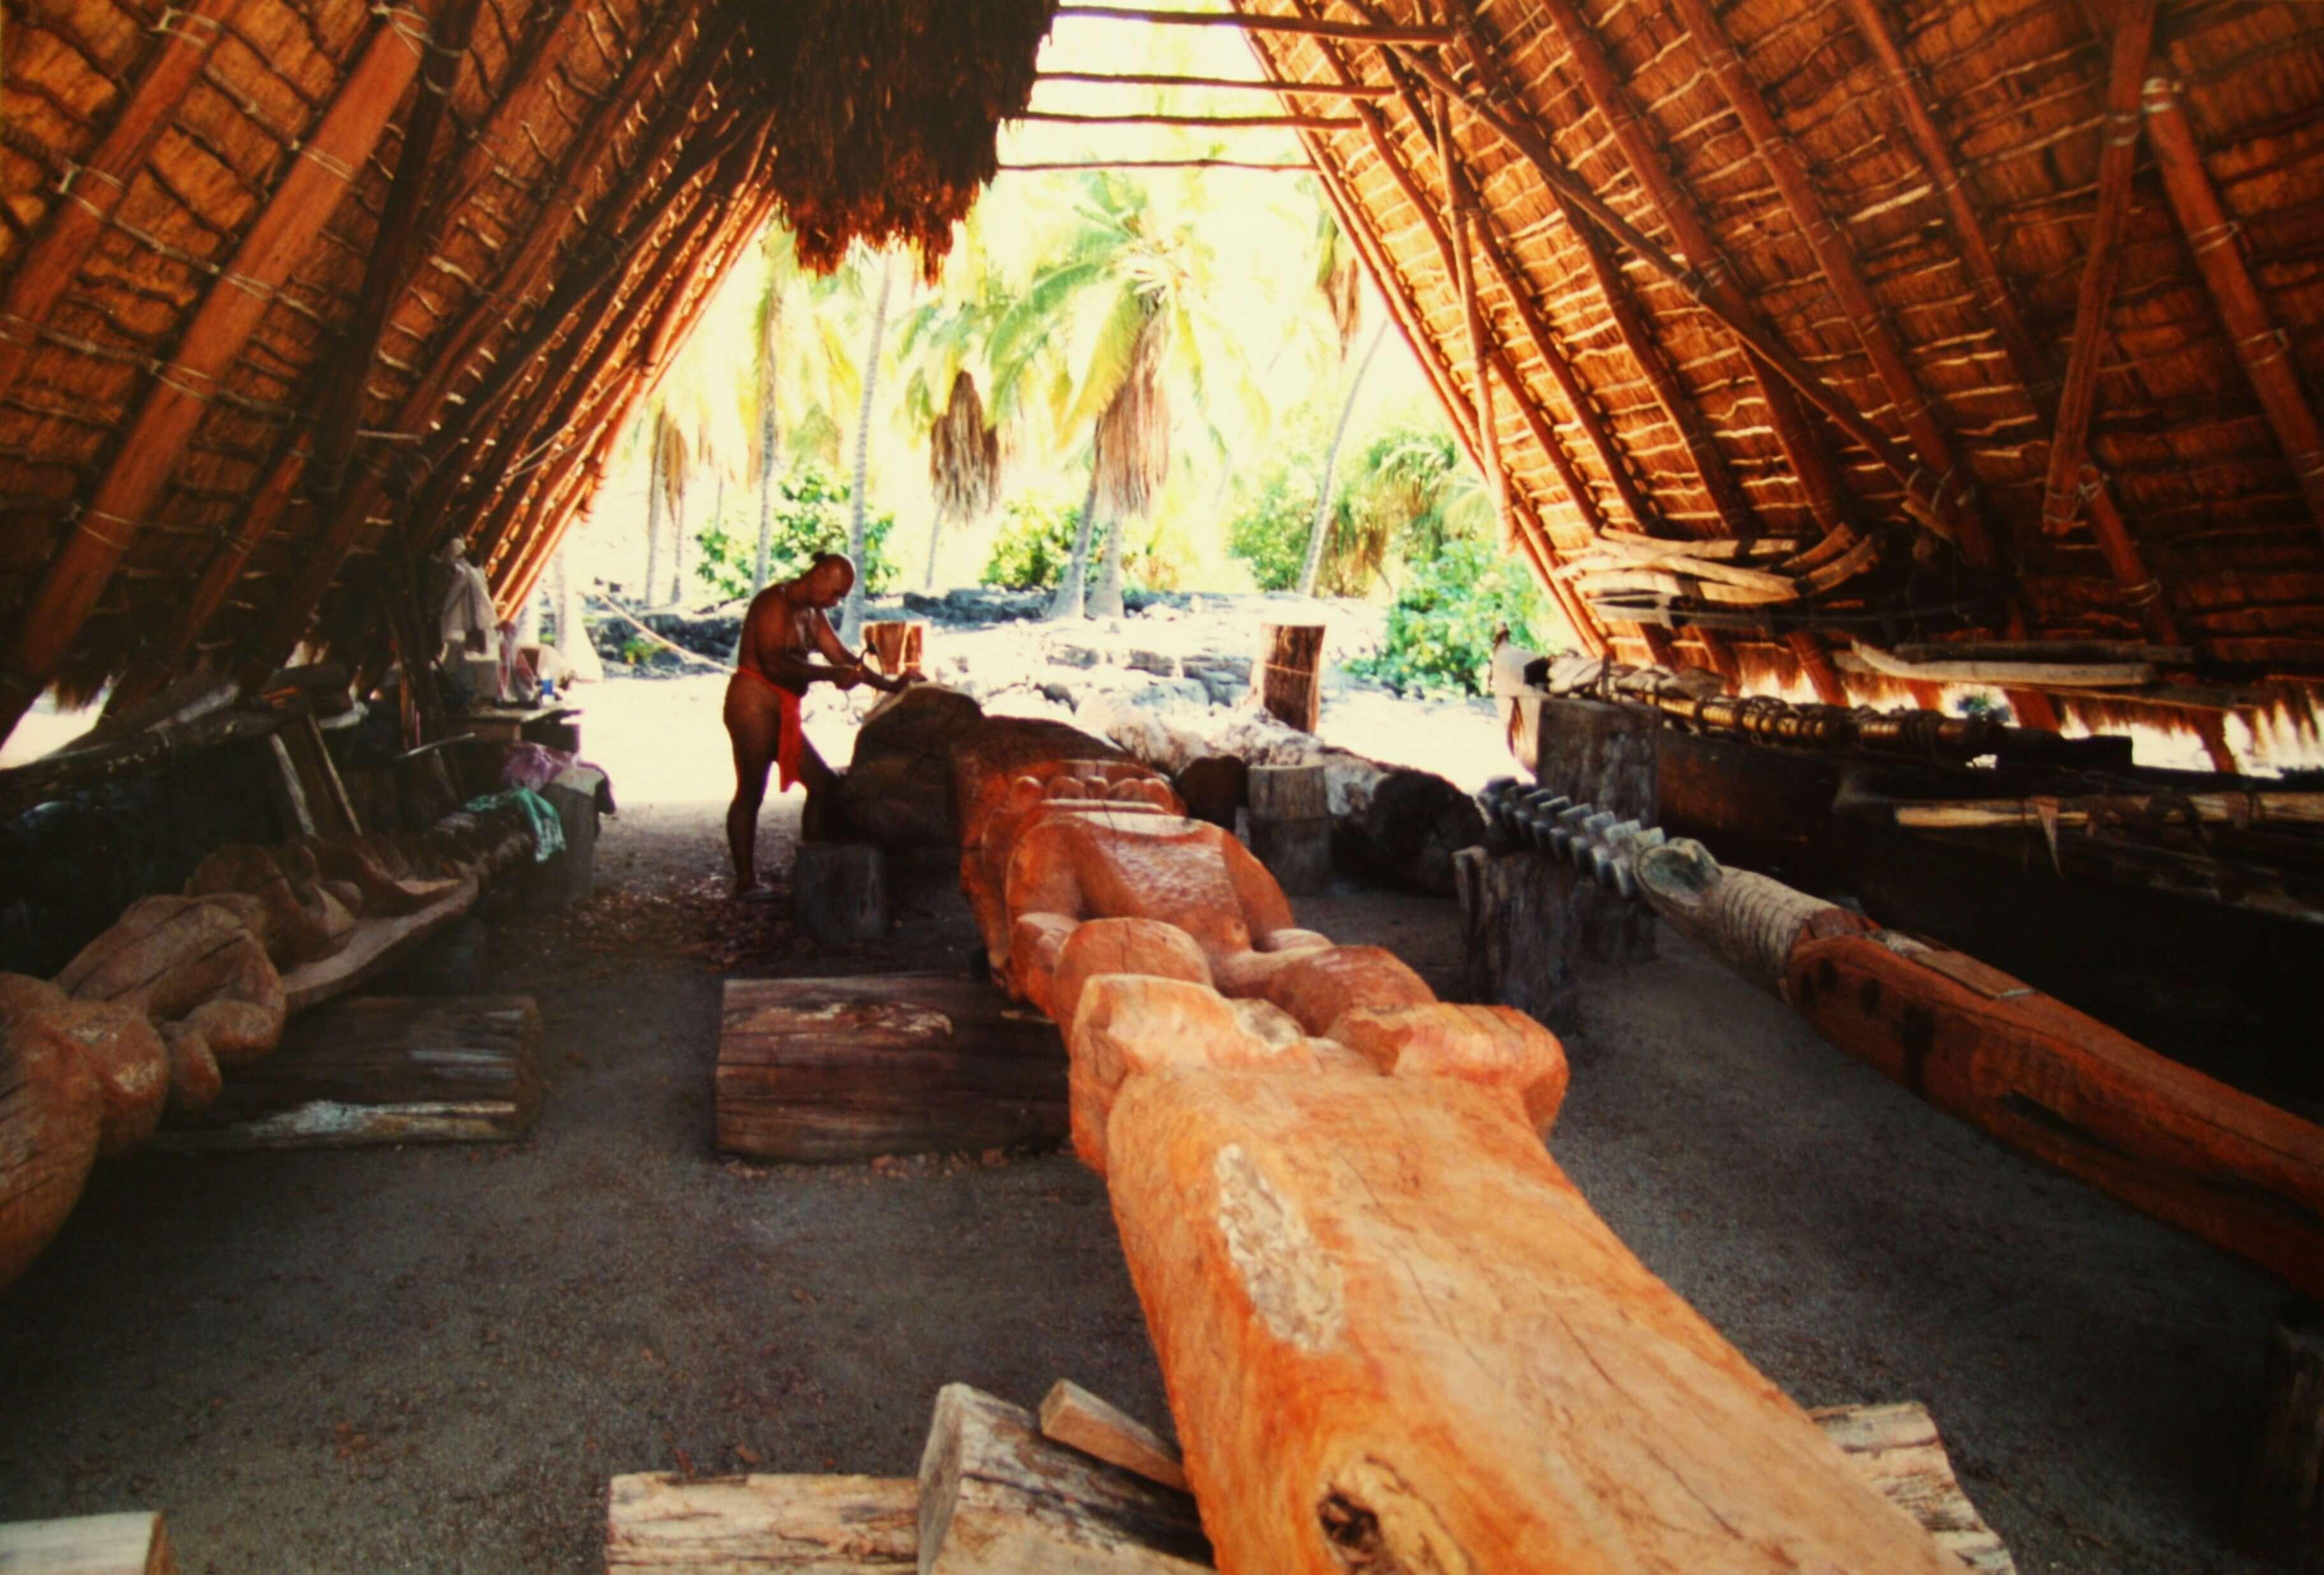 Puʻuhonua o Hōnaunau National Park, appelé aussi « La Cité du refuge » est une attraction incontournable pour son intérêt culturel. Il est situé sur la Grande île de l'archipel hawaiien.